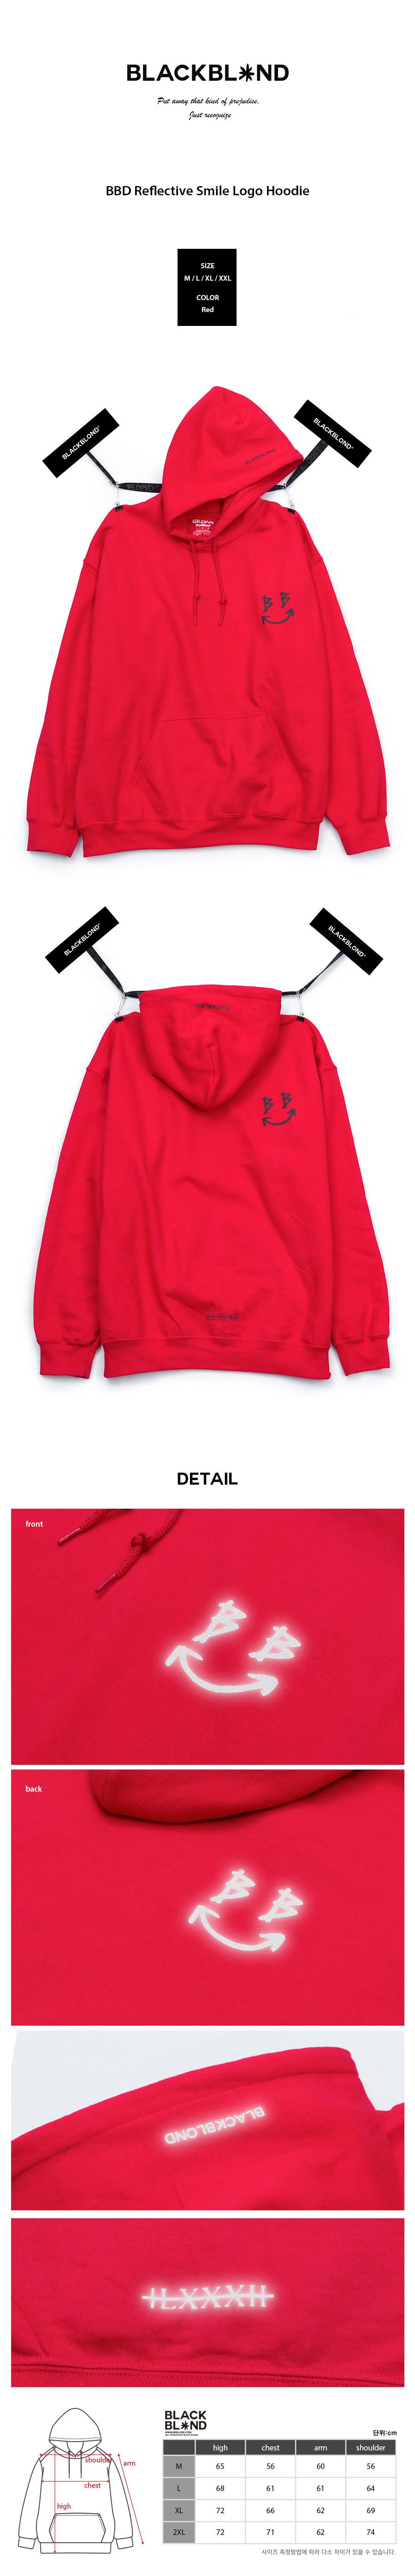 블랙블론드 BLACKBLOND - BBD Reflective Smile Logo Hoodie (Red)